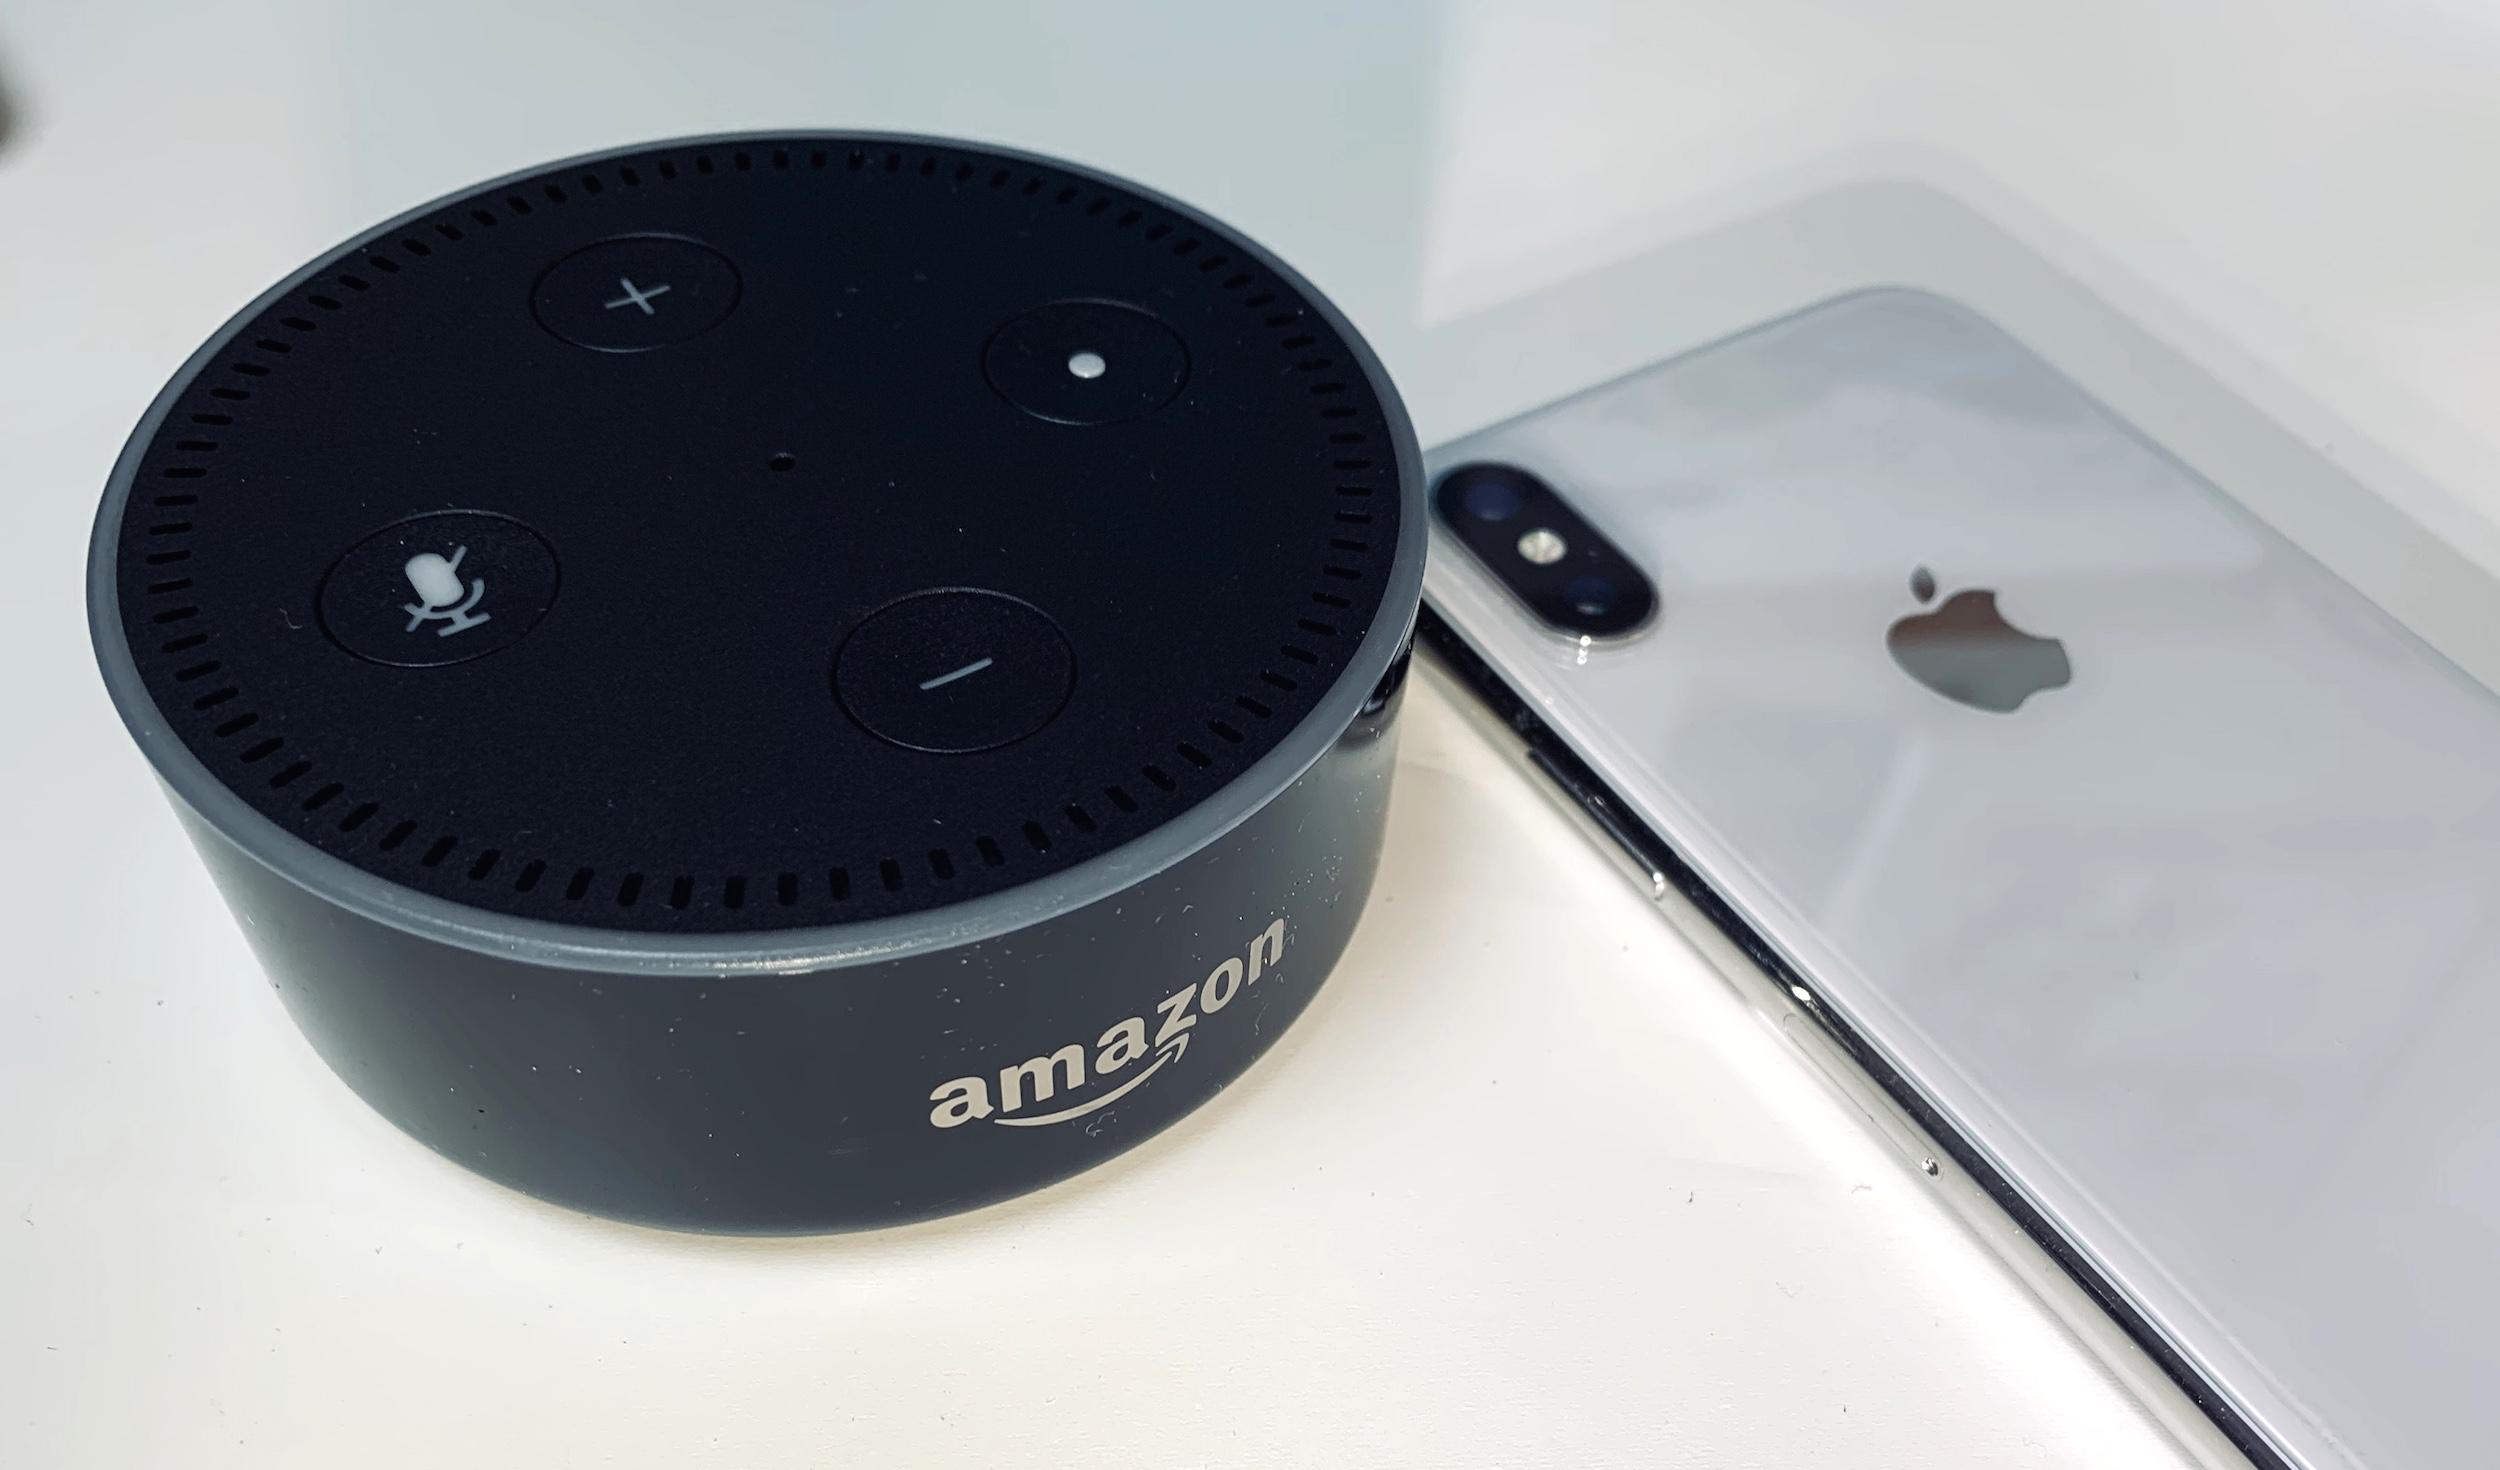 Les enceintes actives Amazon Echo se transforment en chien de garde connecté 1